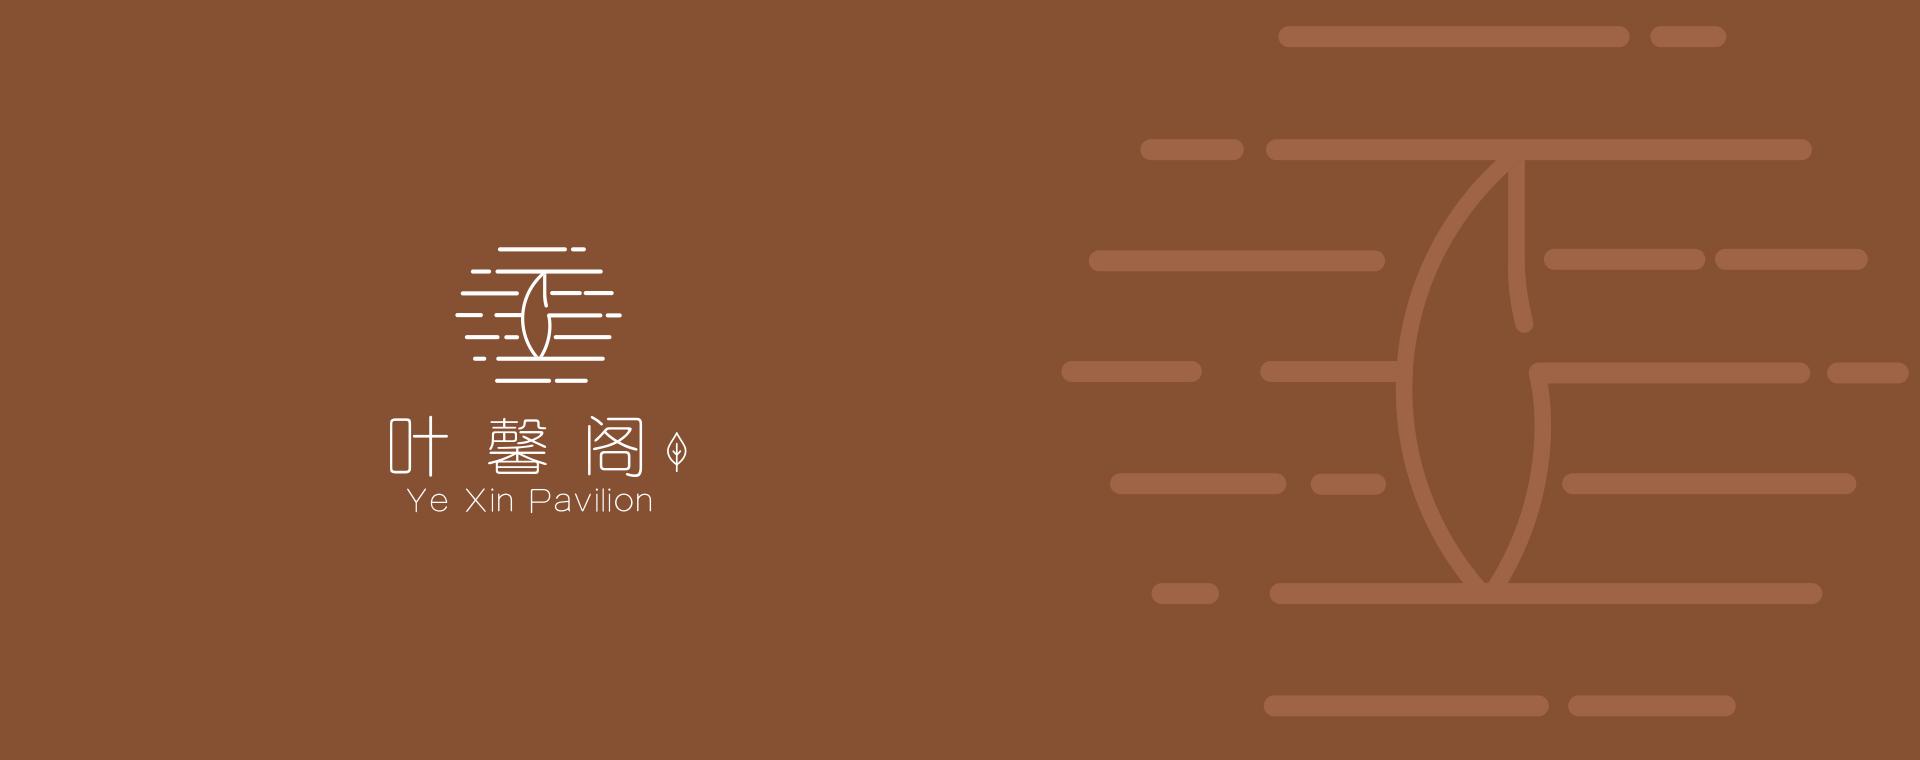 叶馨阁logo设计